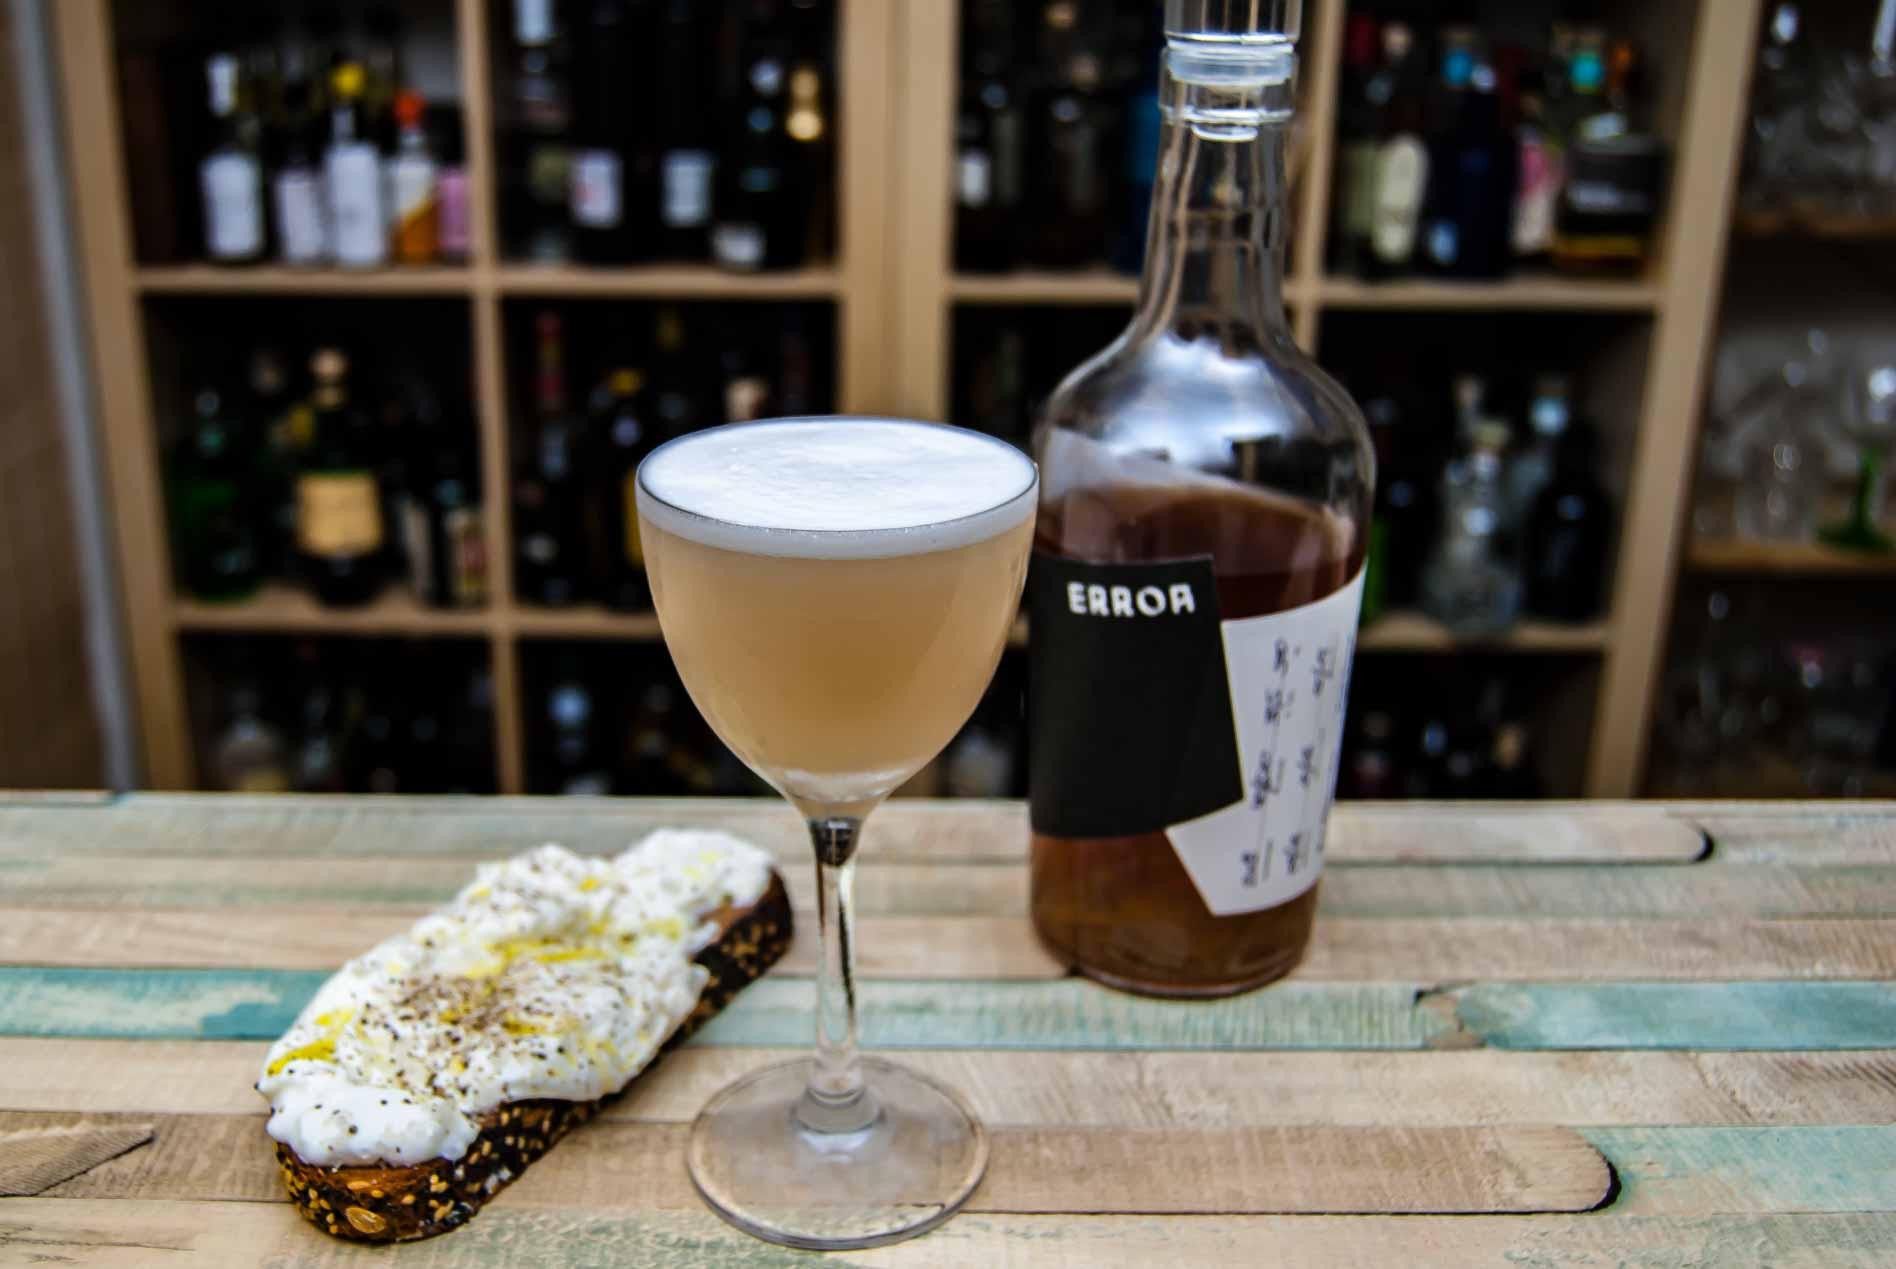 Der Kernstein Error Siegerrebe in der Siegerita mit Tequila inklusive Burratabrot.